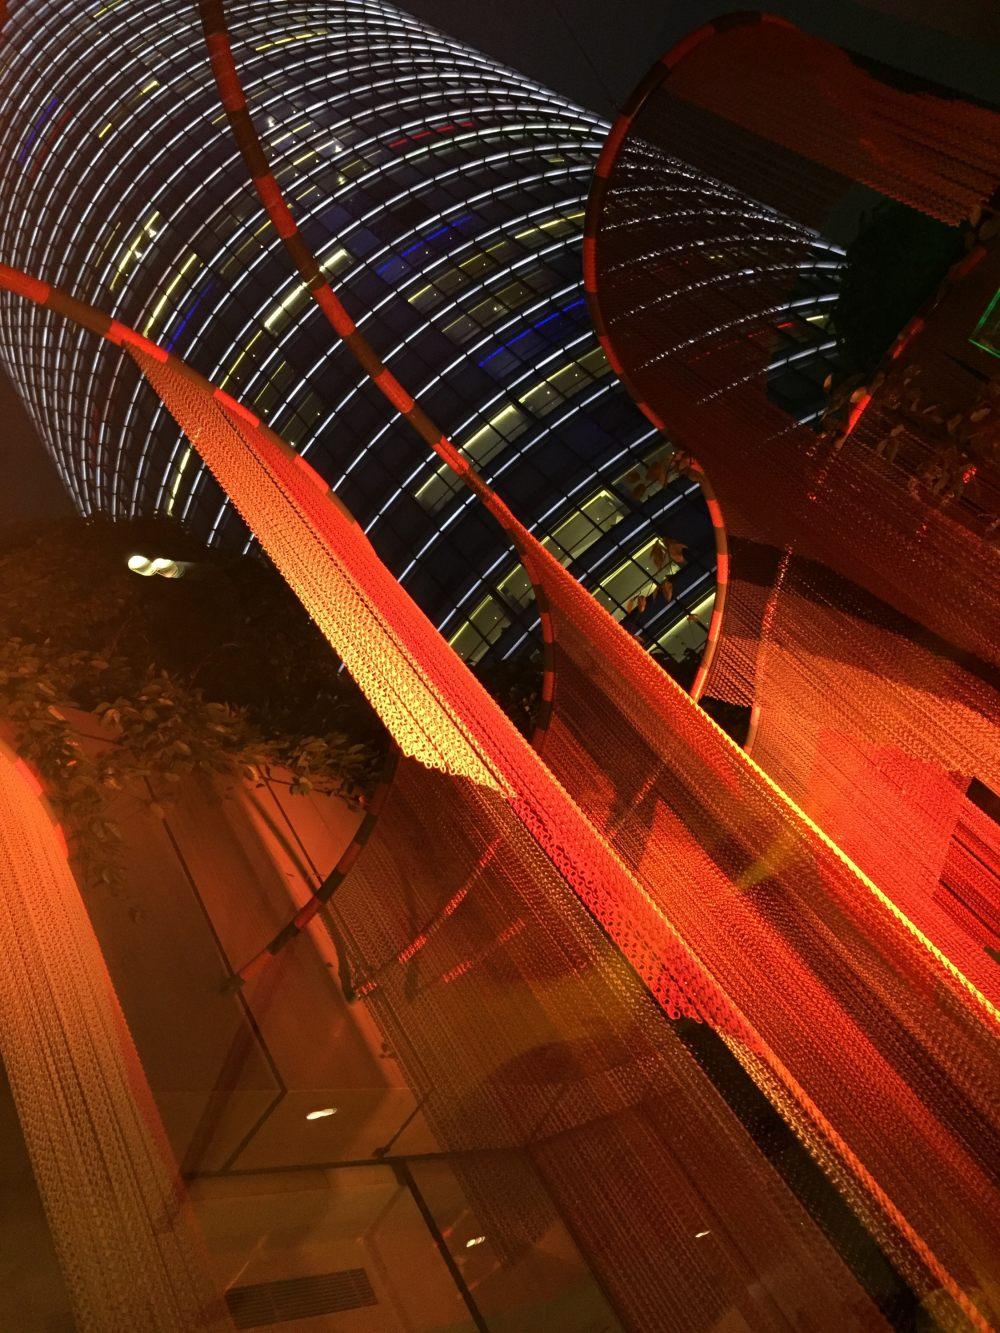 上海外滩W酒店,史上最全入住体验 自拍分享,申请置...._IMG_5910.JPG